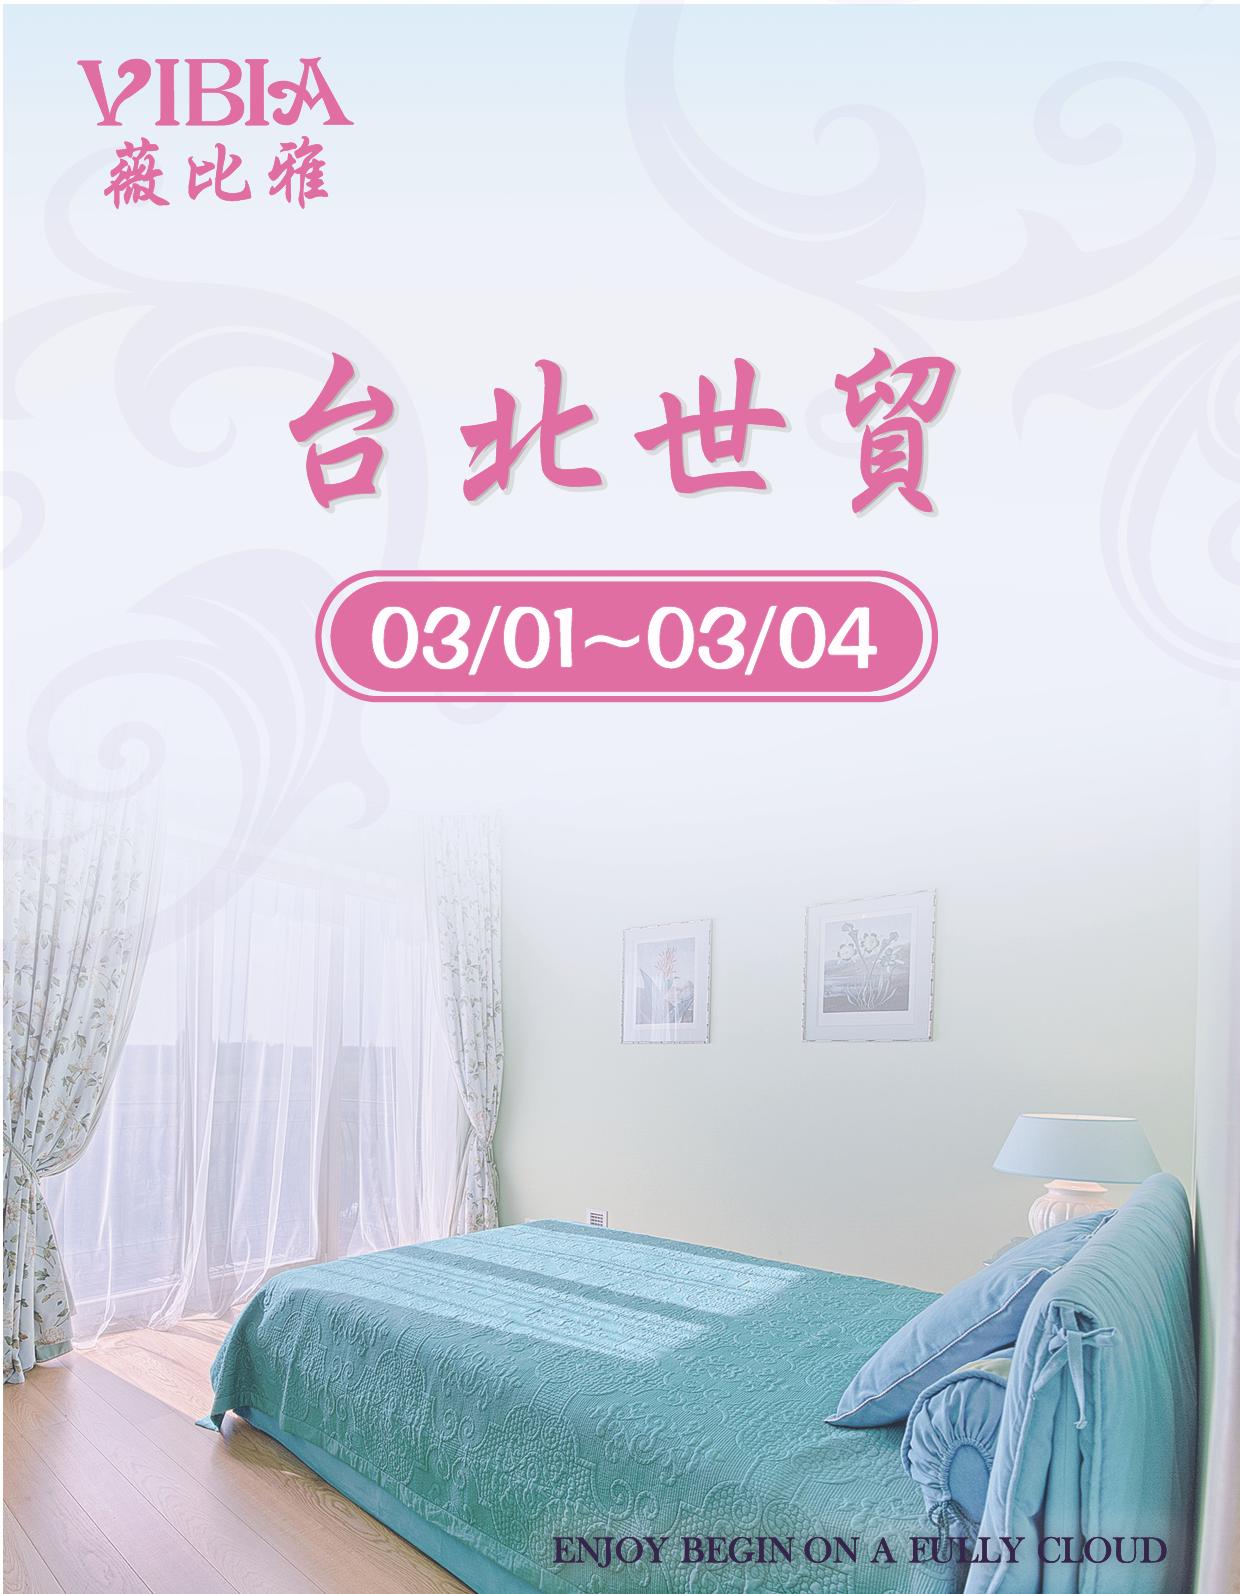 台北世貿BANNER(20180301-0304)-01